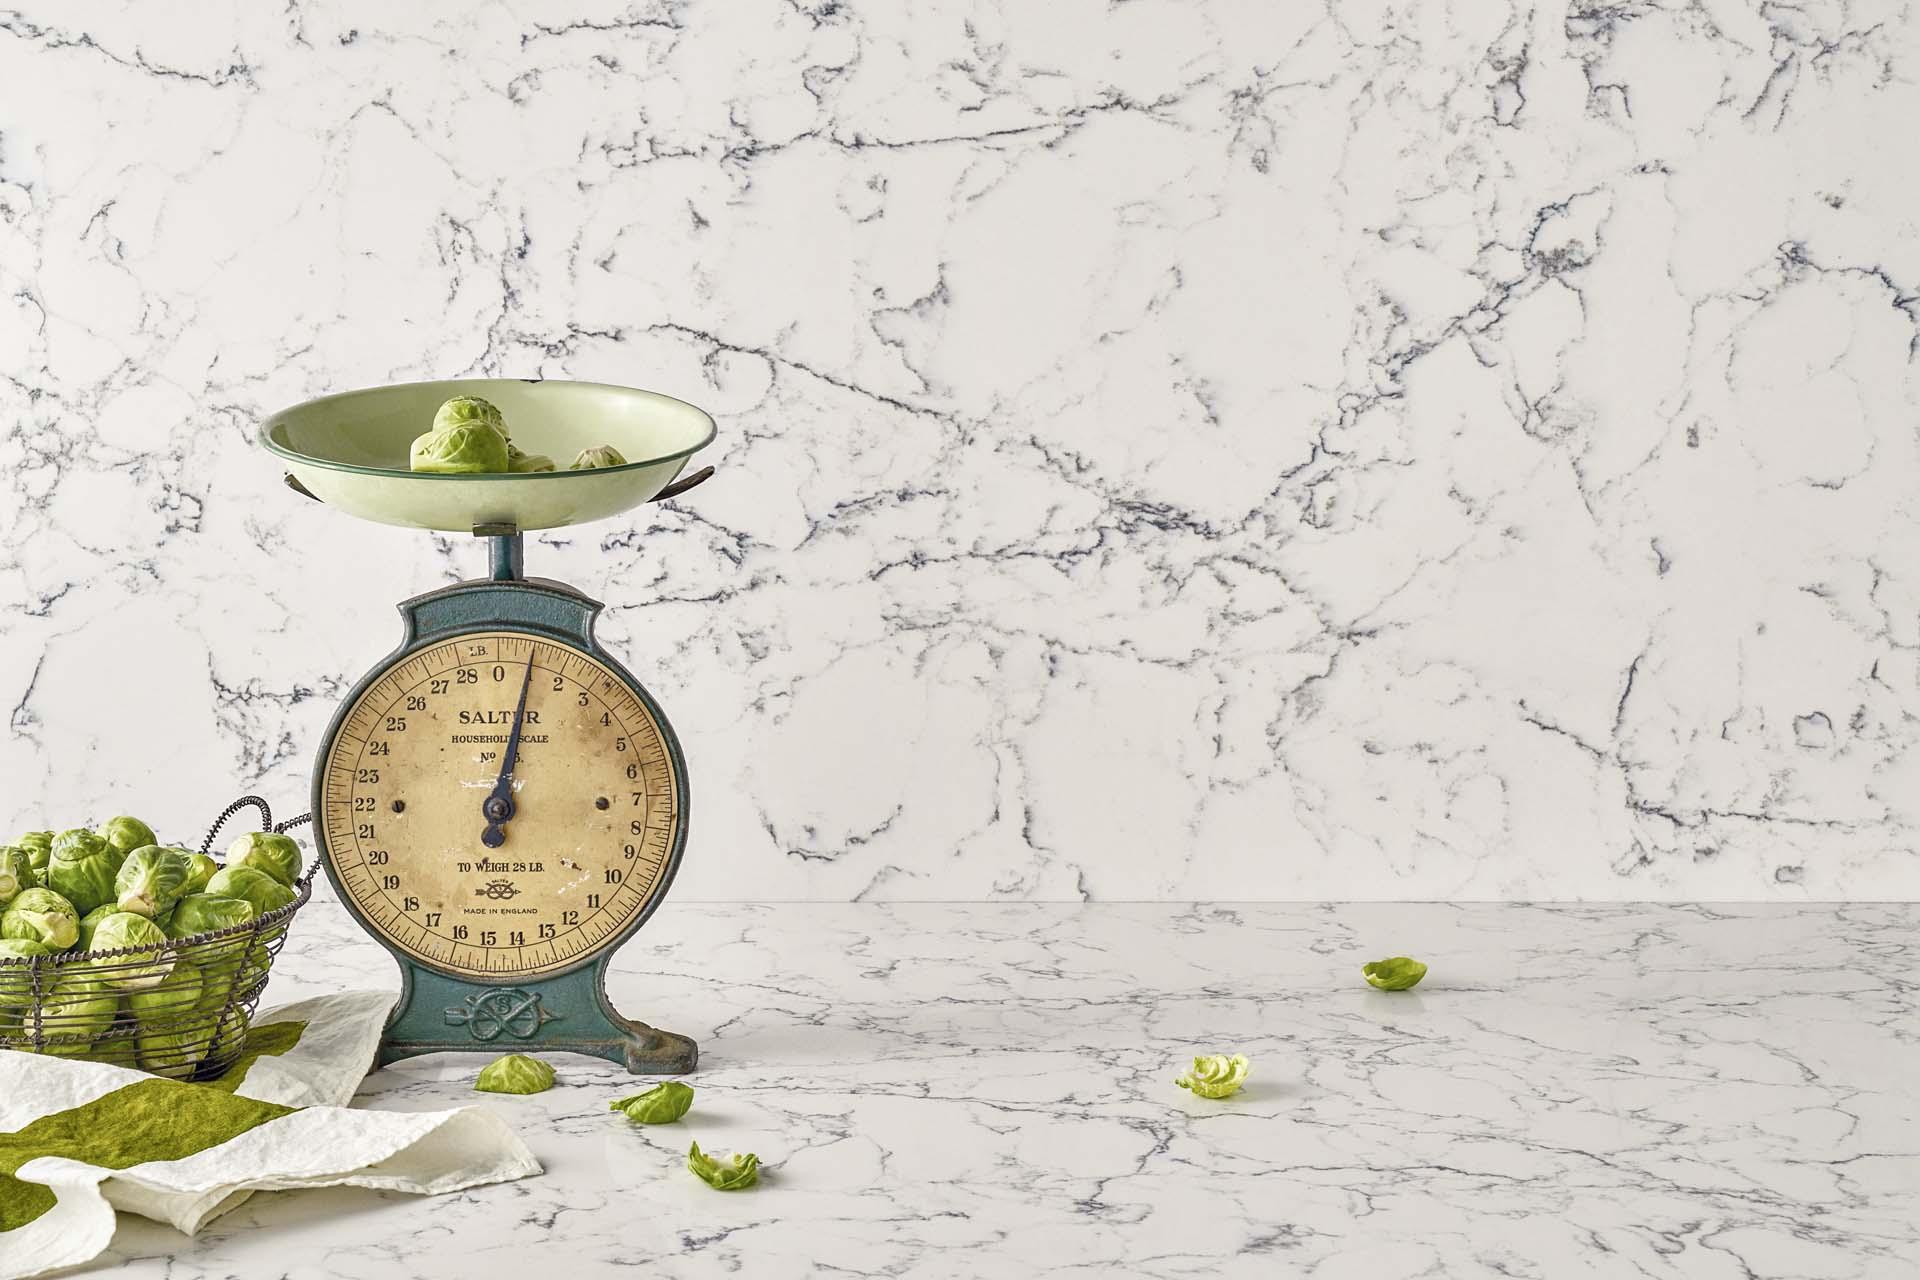 Caesarstone 5143 White-Attica-special-offer-quartz-worktops-haywards-heath.jpg